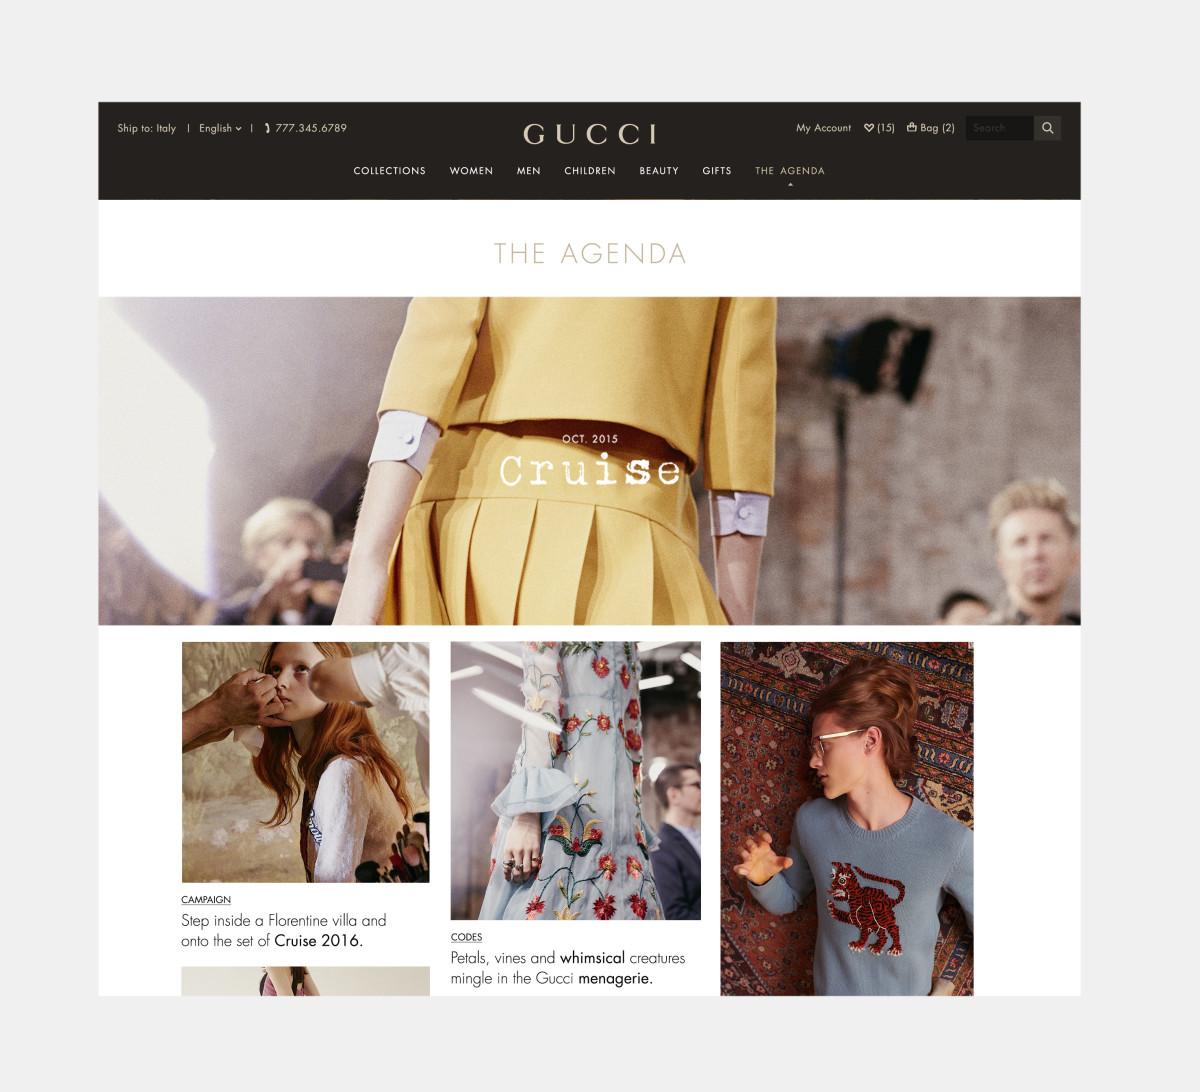 The Agenda at Gucci.com. Screengrab: Gucci